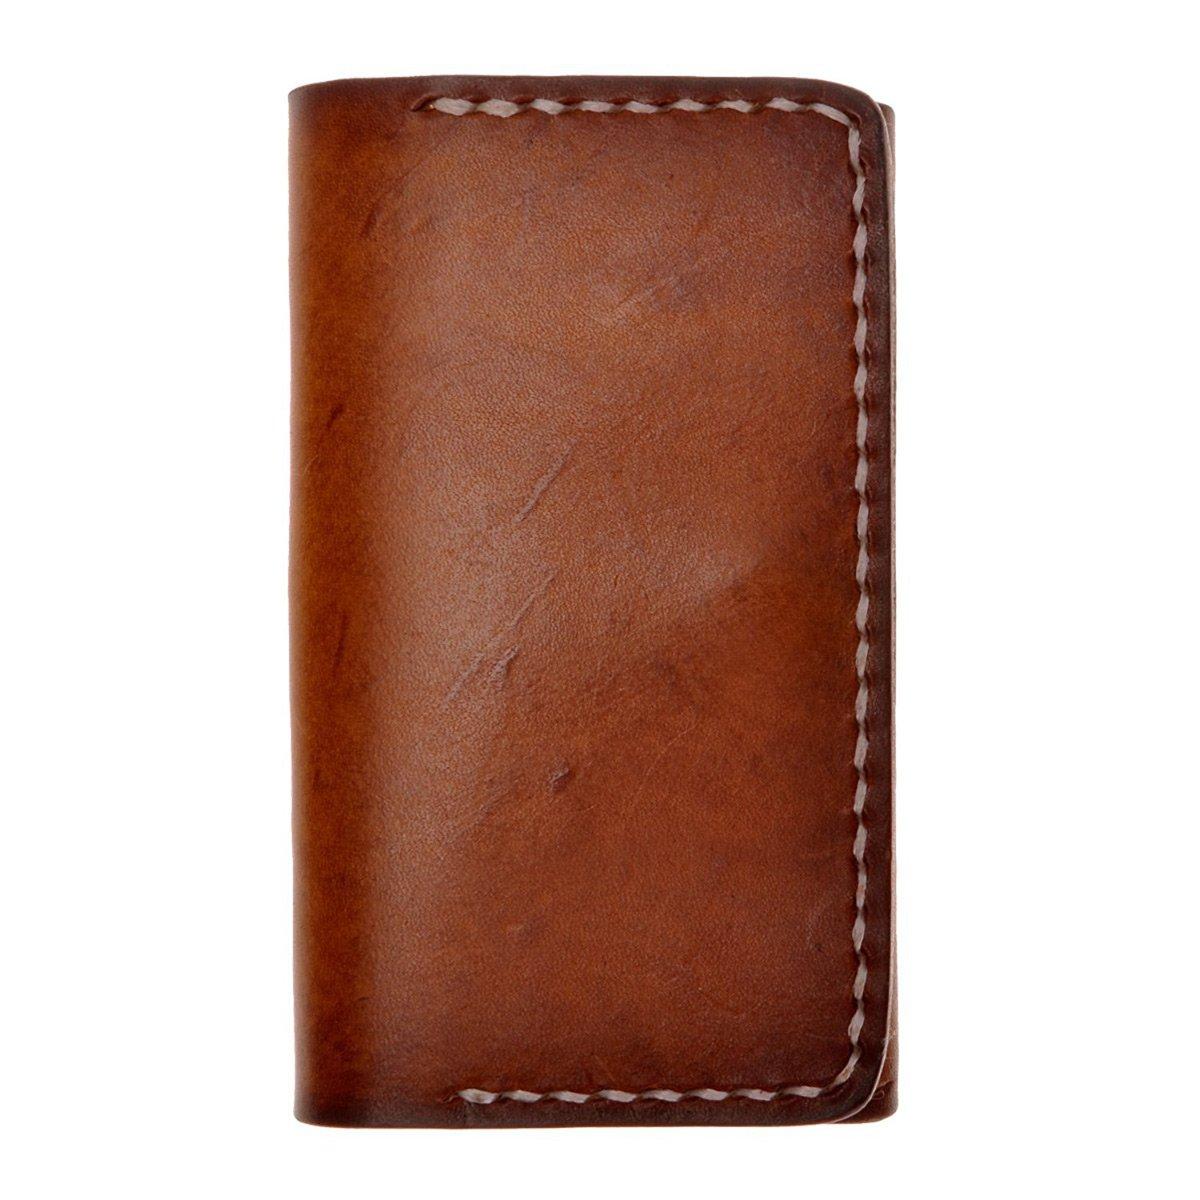 ZLYC hecha a mano cartera de piel de curtido vegetal y ...